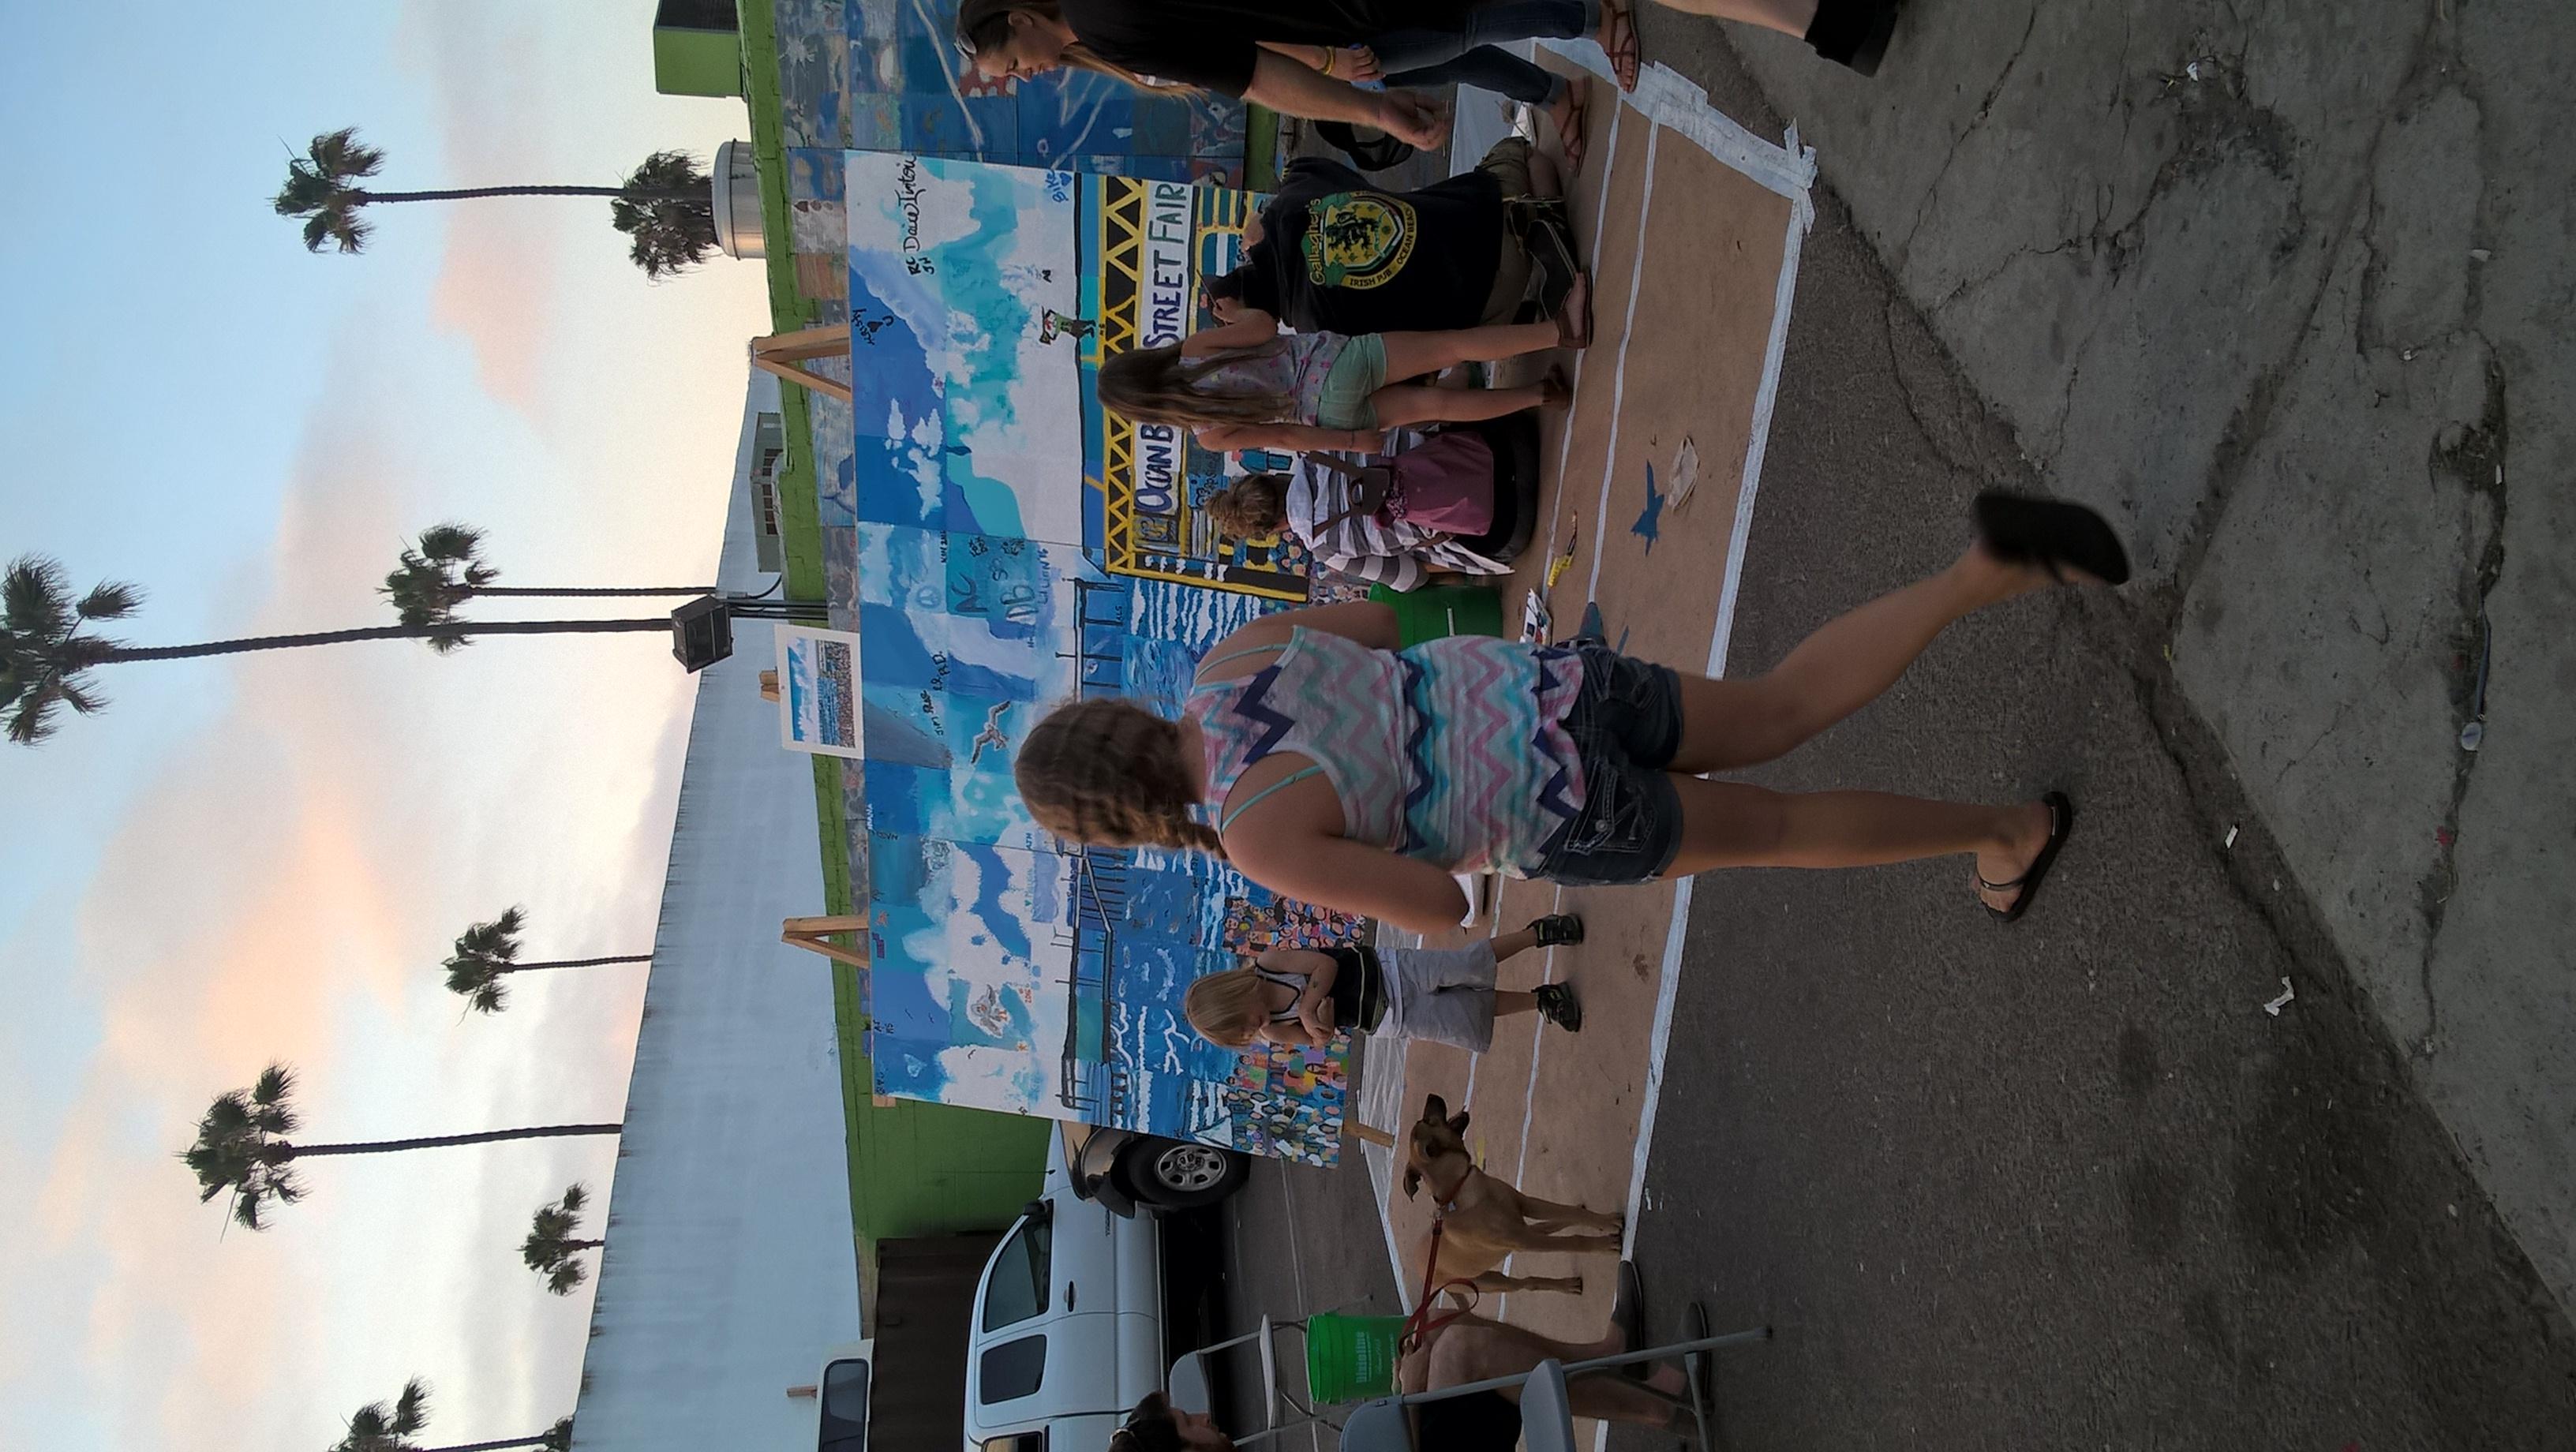 Street Festival Community Fundraiser